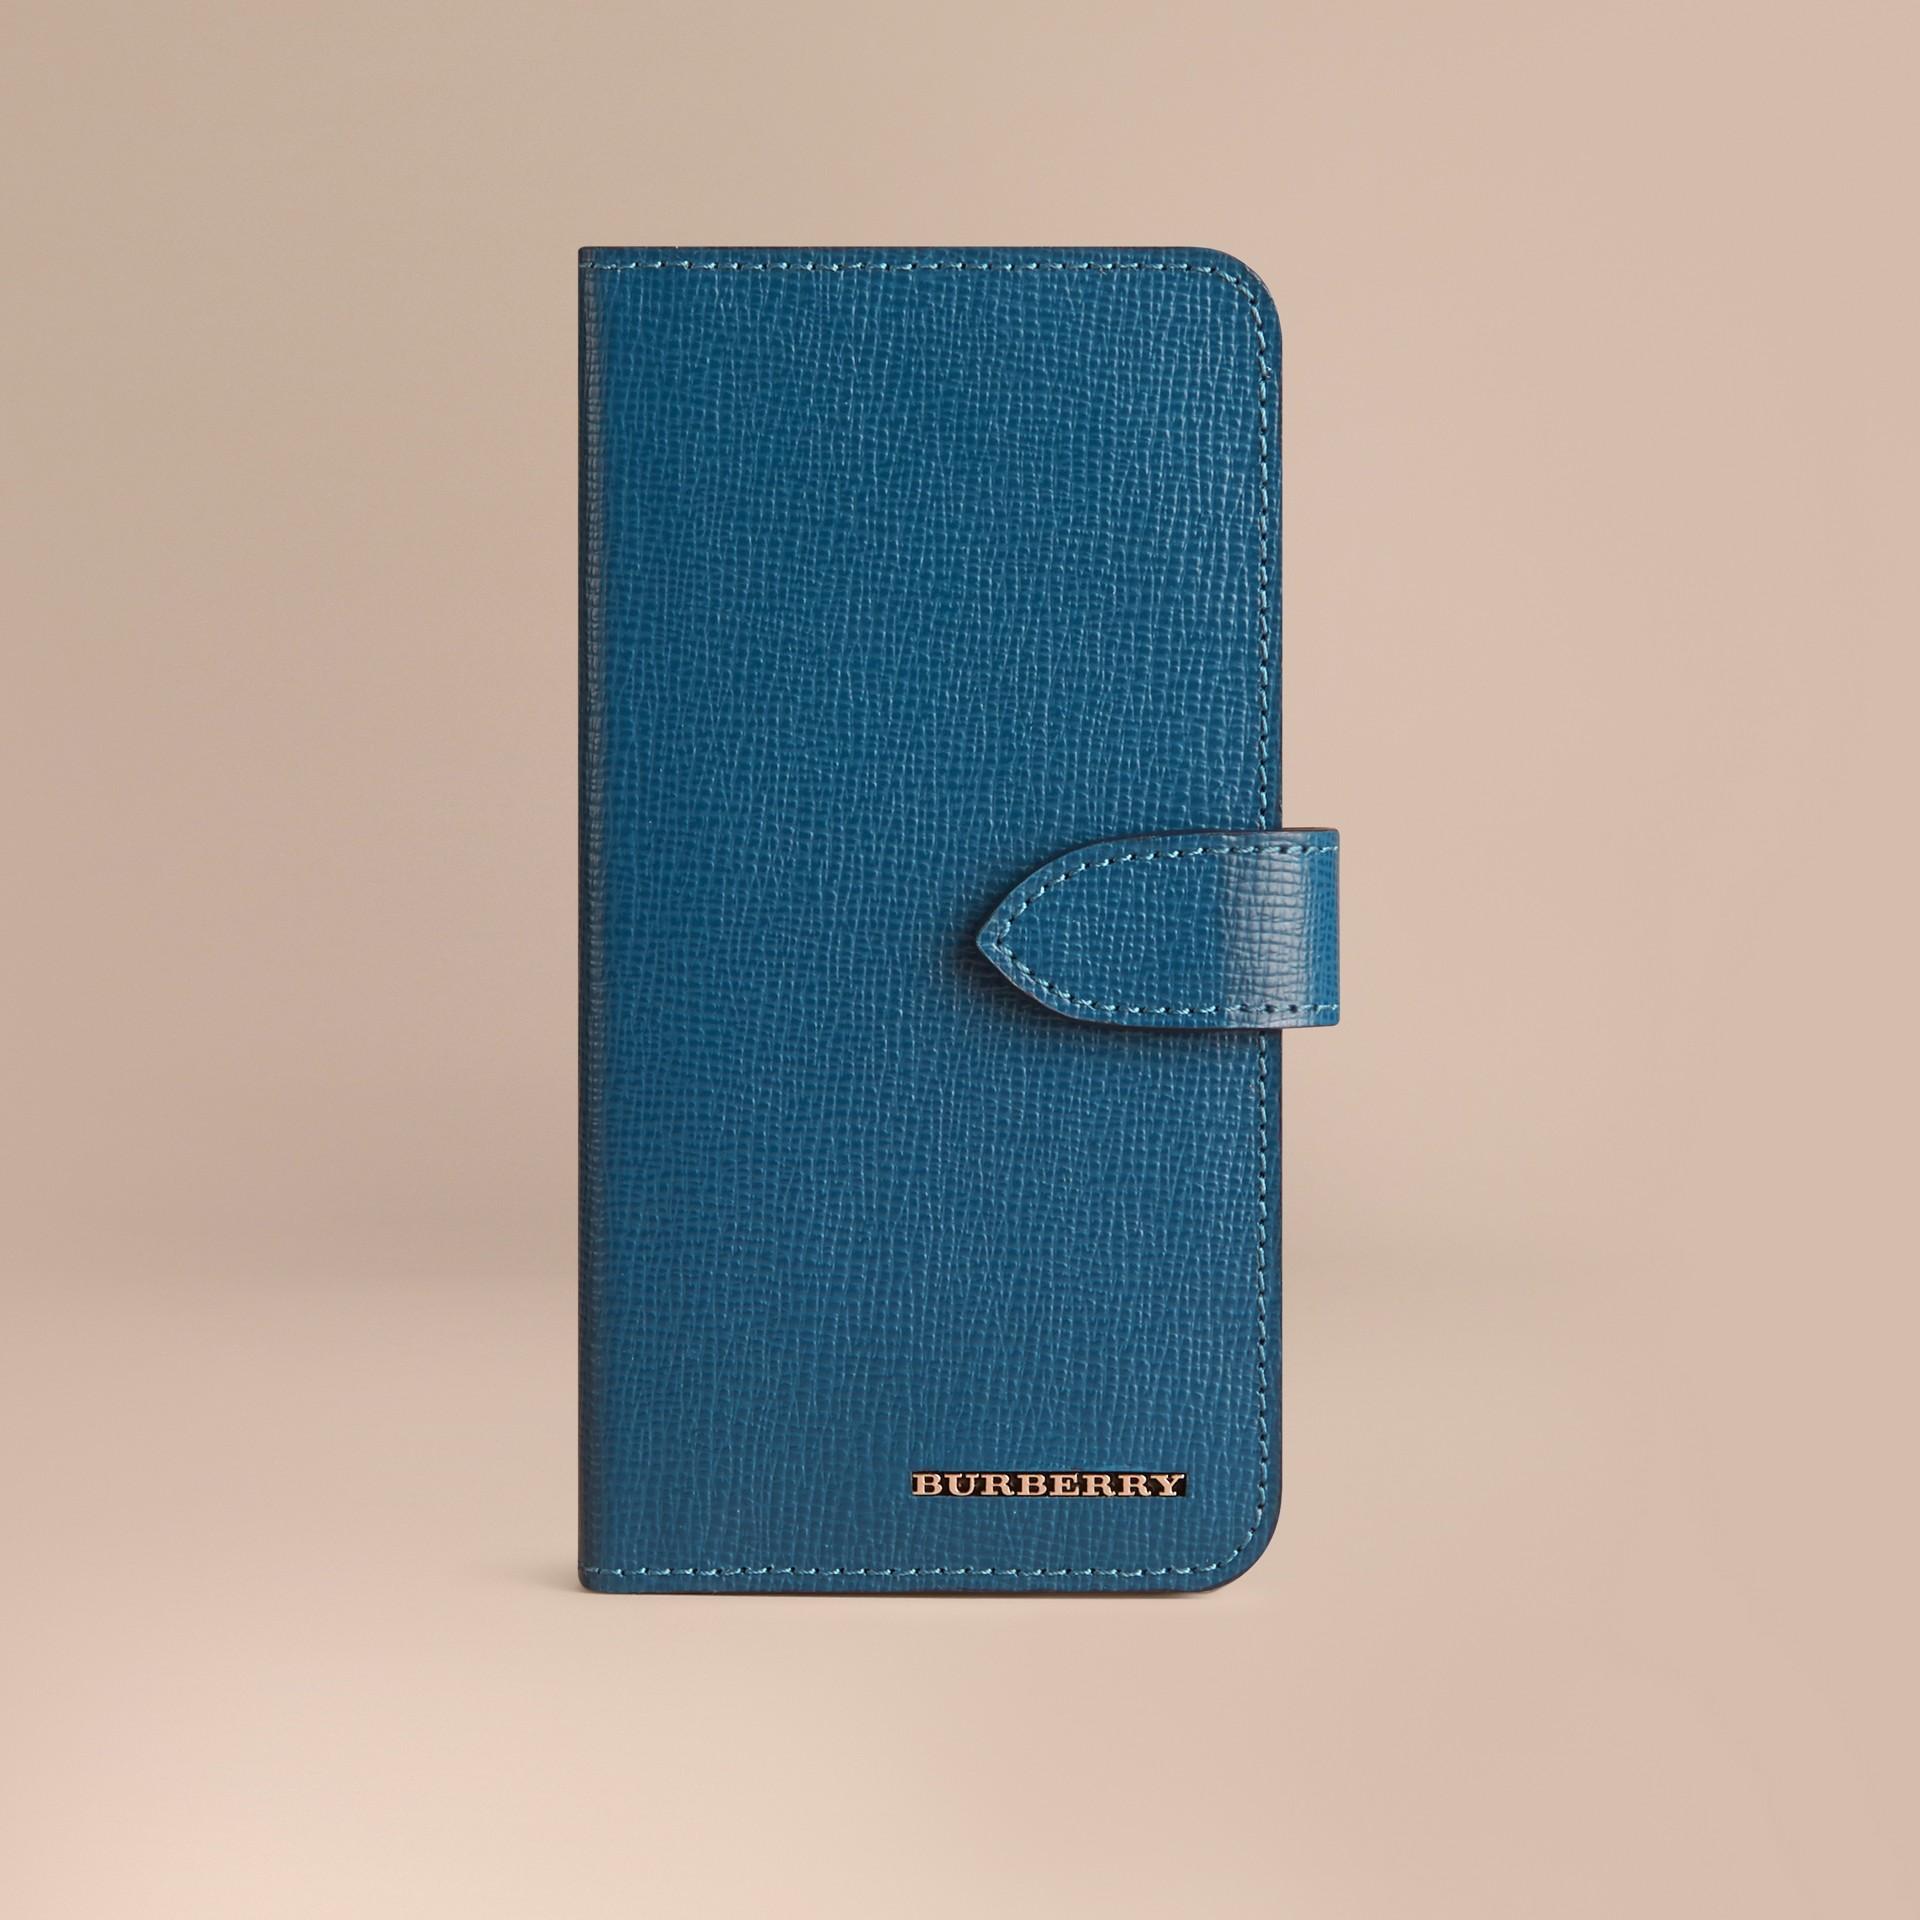 ミネラルブルー ロンドンレザーiPhone 6フリップケース ミネラルブルー - ギャラリーイメージ 1